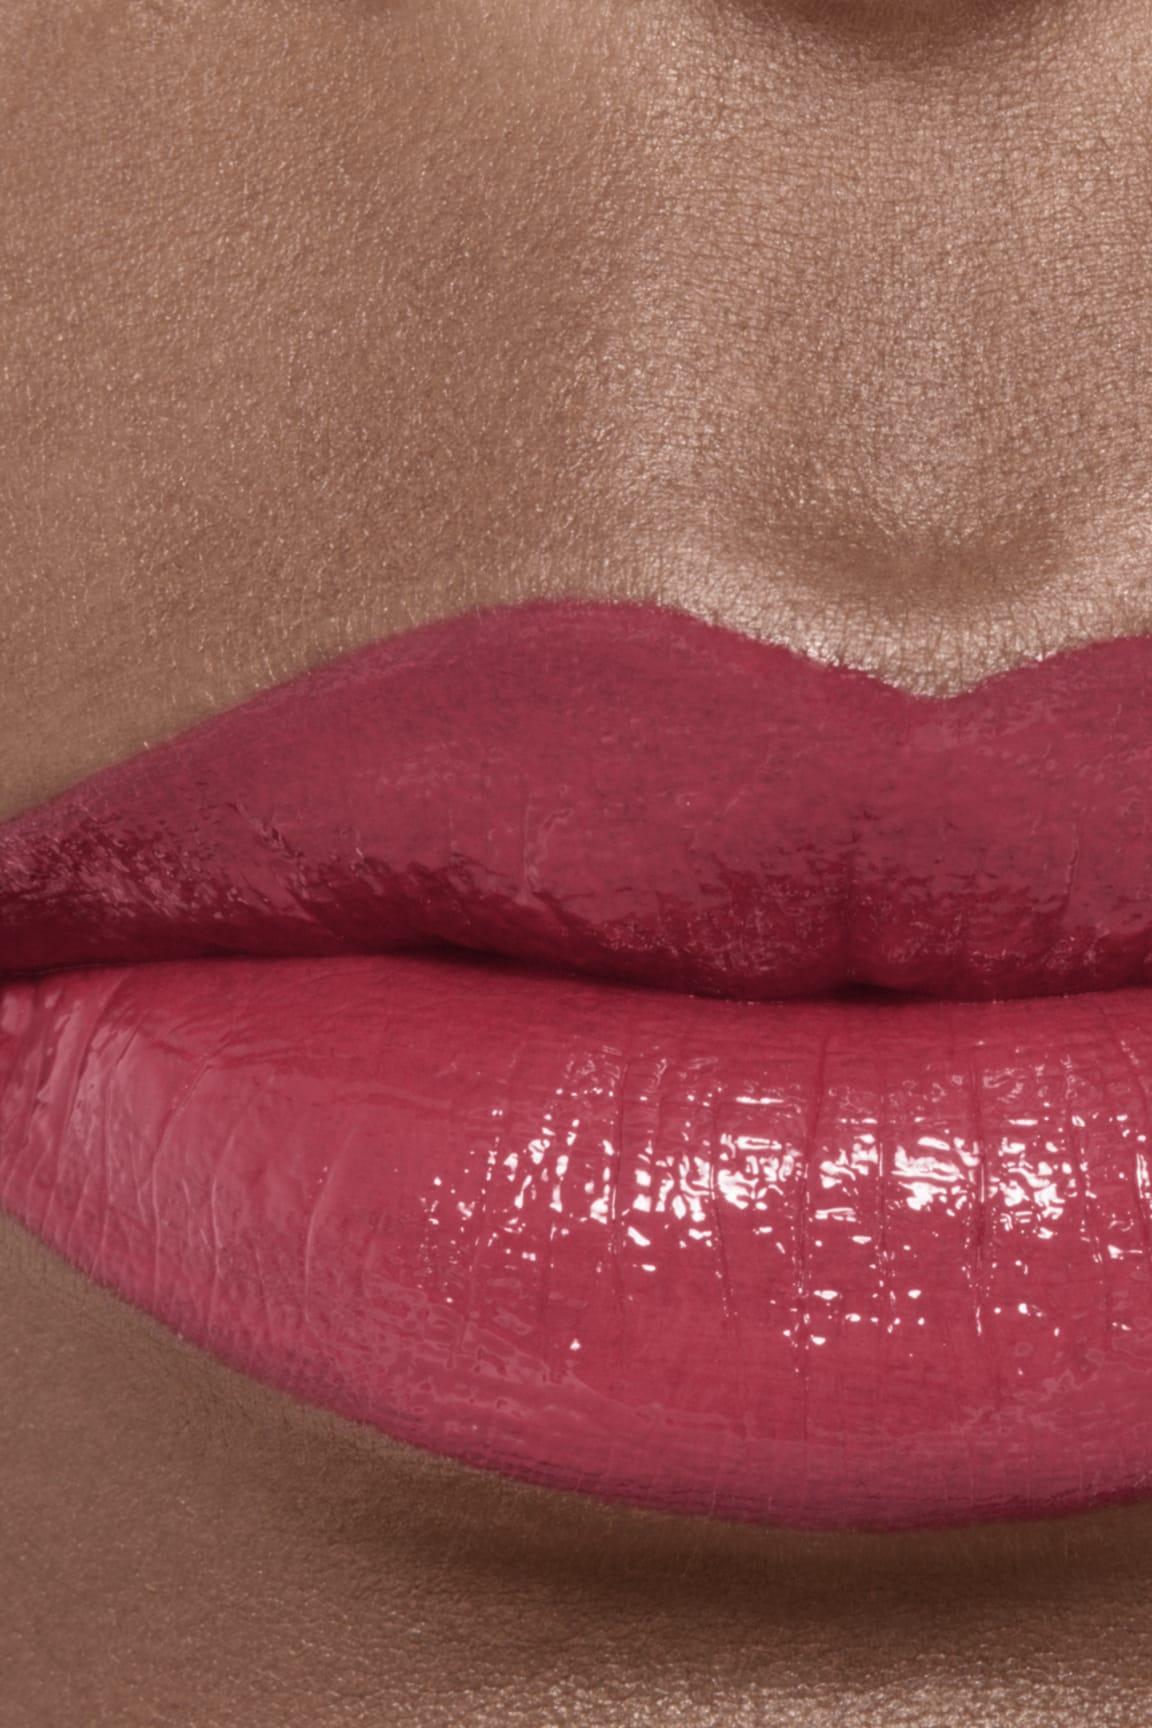 Imagen aplicación de maquillaje 2 - ROUGE ALLURE LAQUE 64 - EXIGENCE